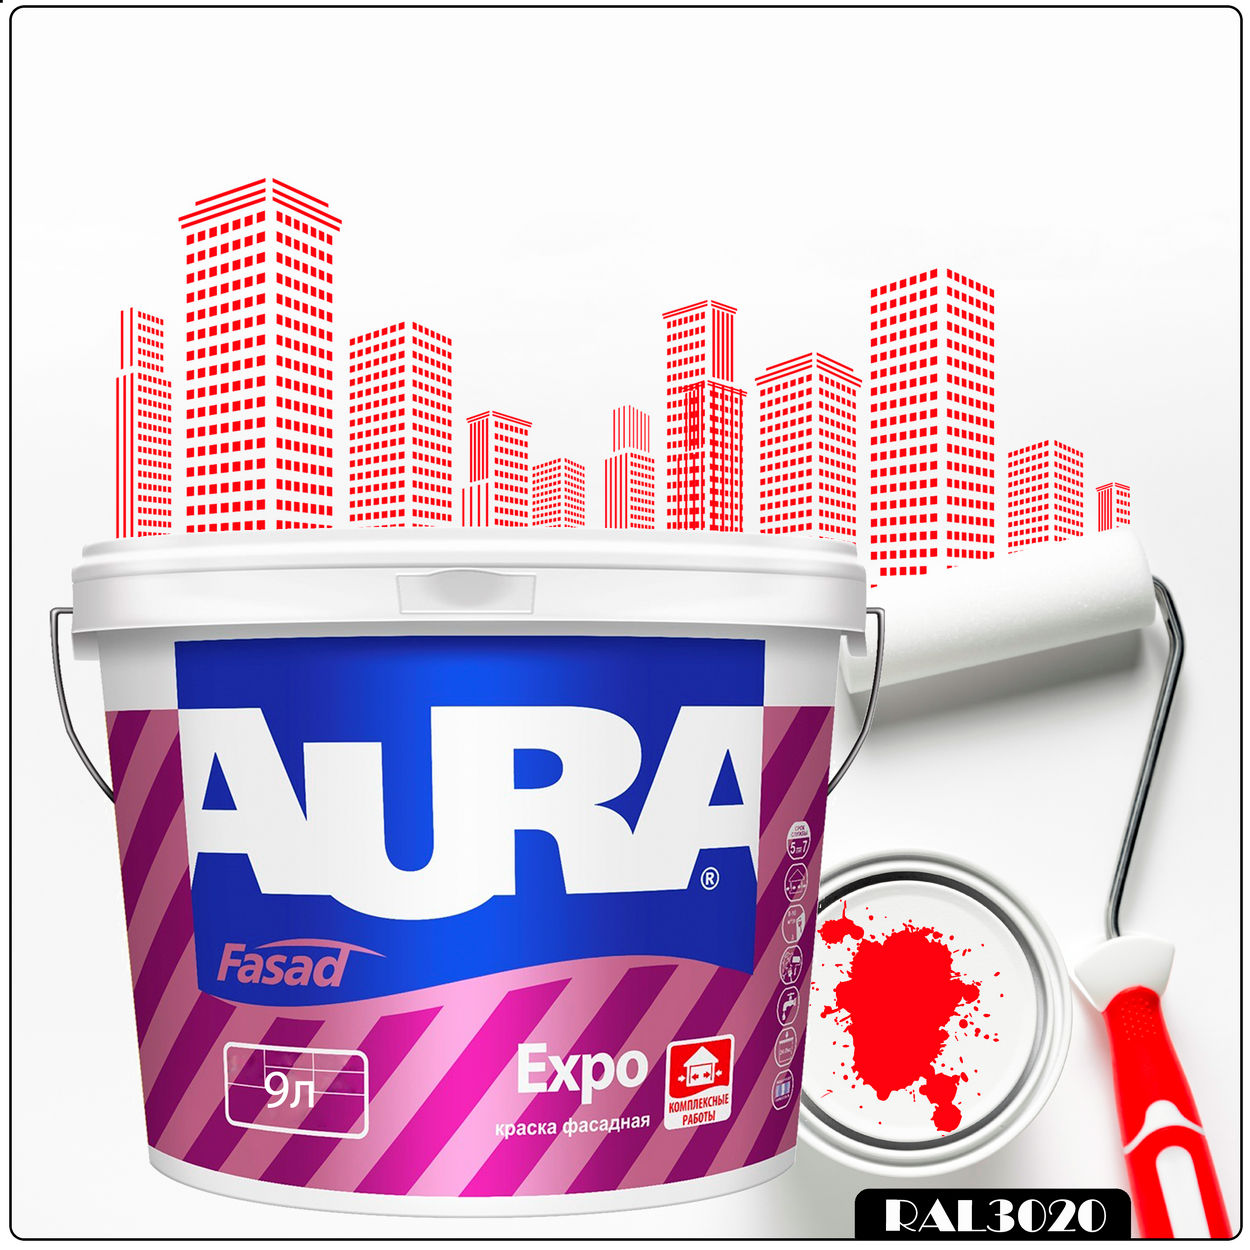 Фото 17 - Краска Aura Fasad Expo, RAL 3020 Транспортный красный, матовая, для фасадов и помещений с повышенной влажностью, 9л.